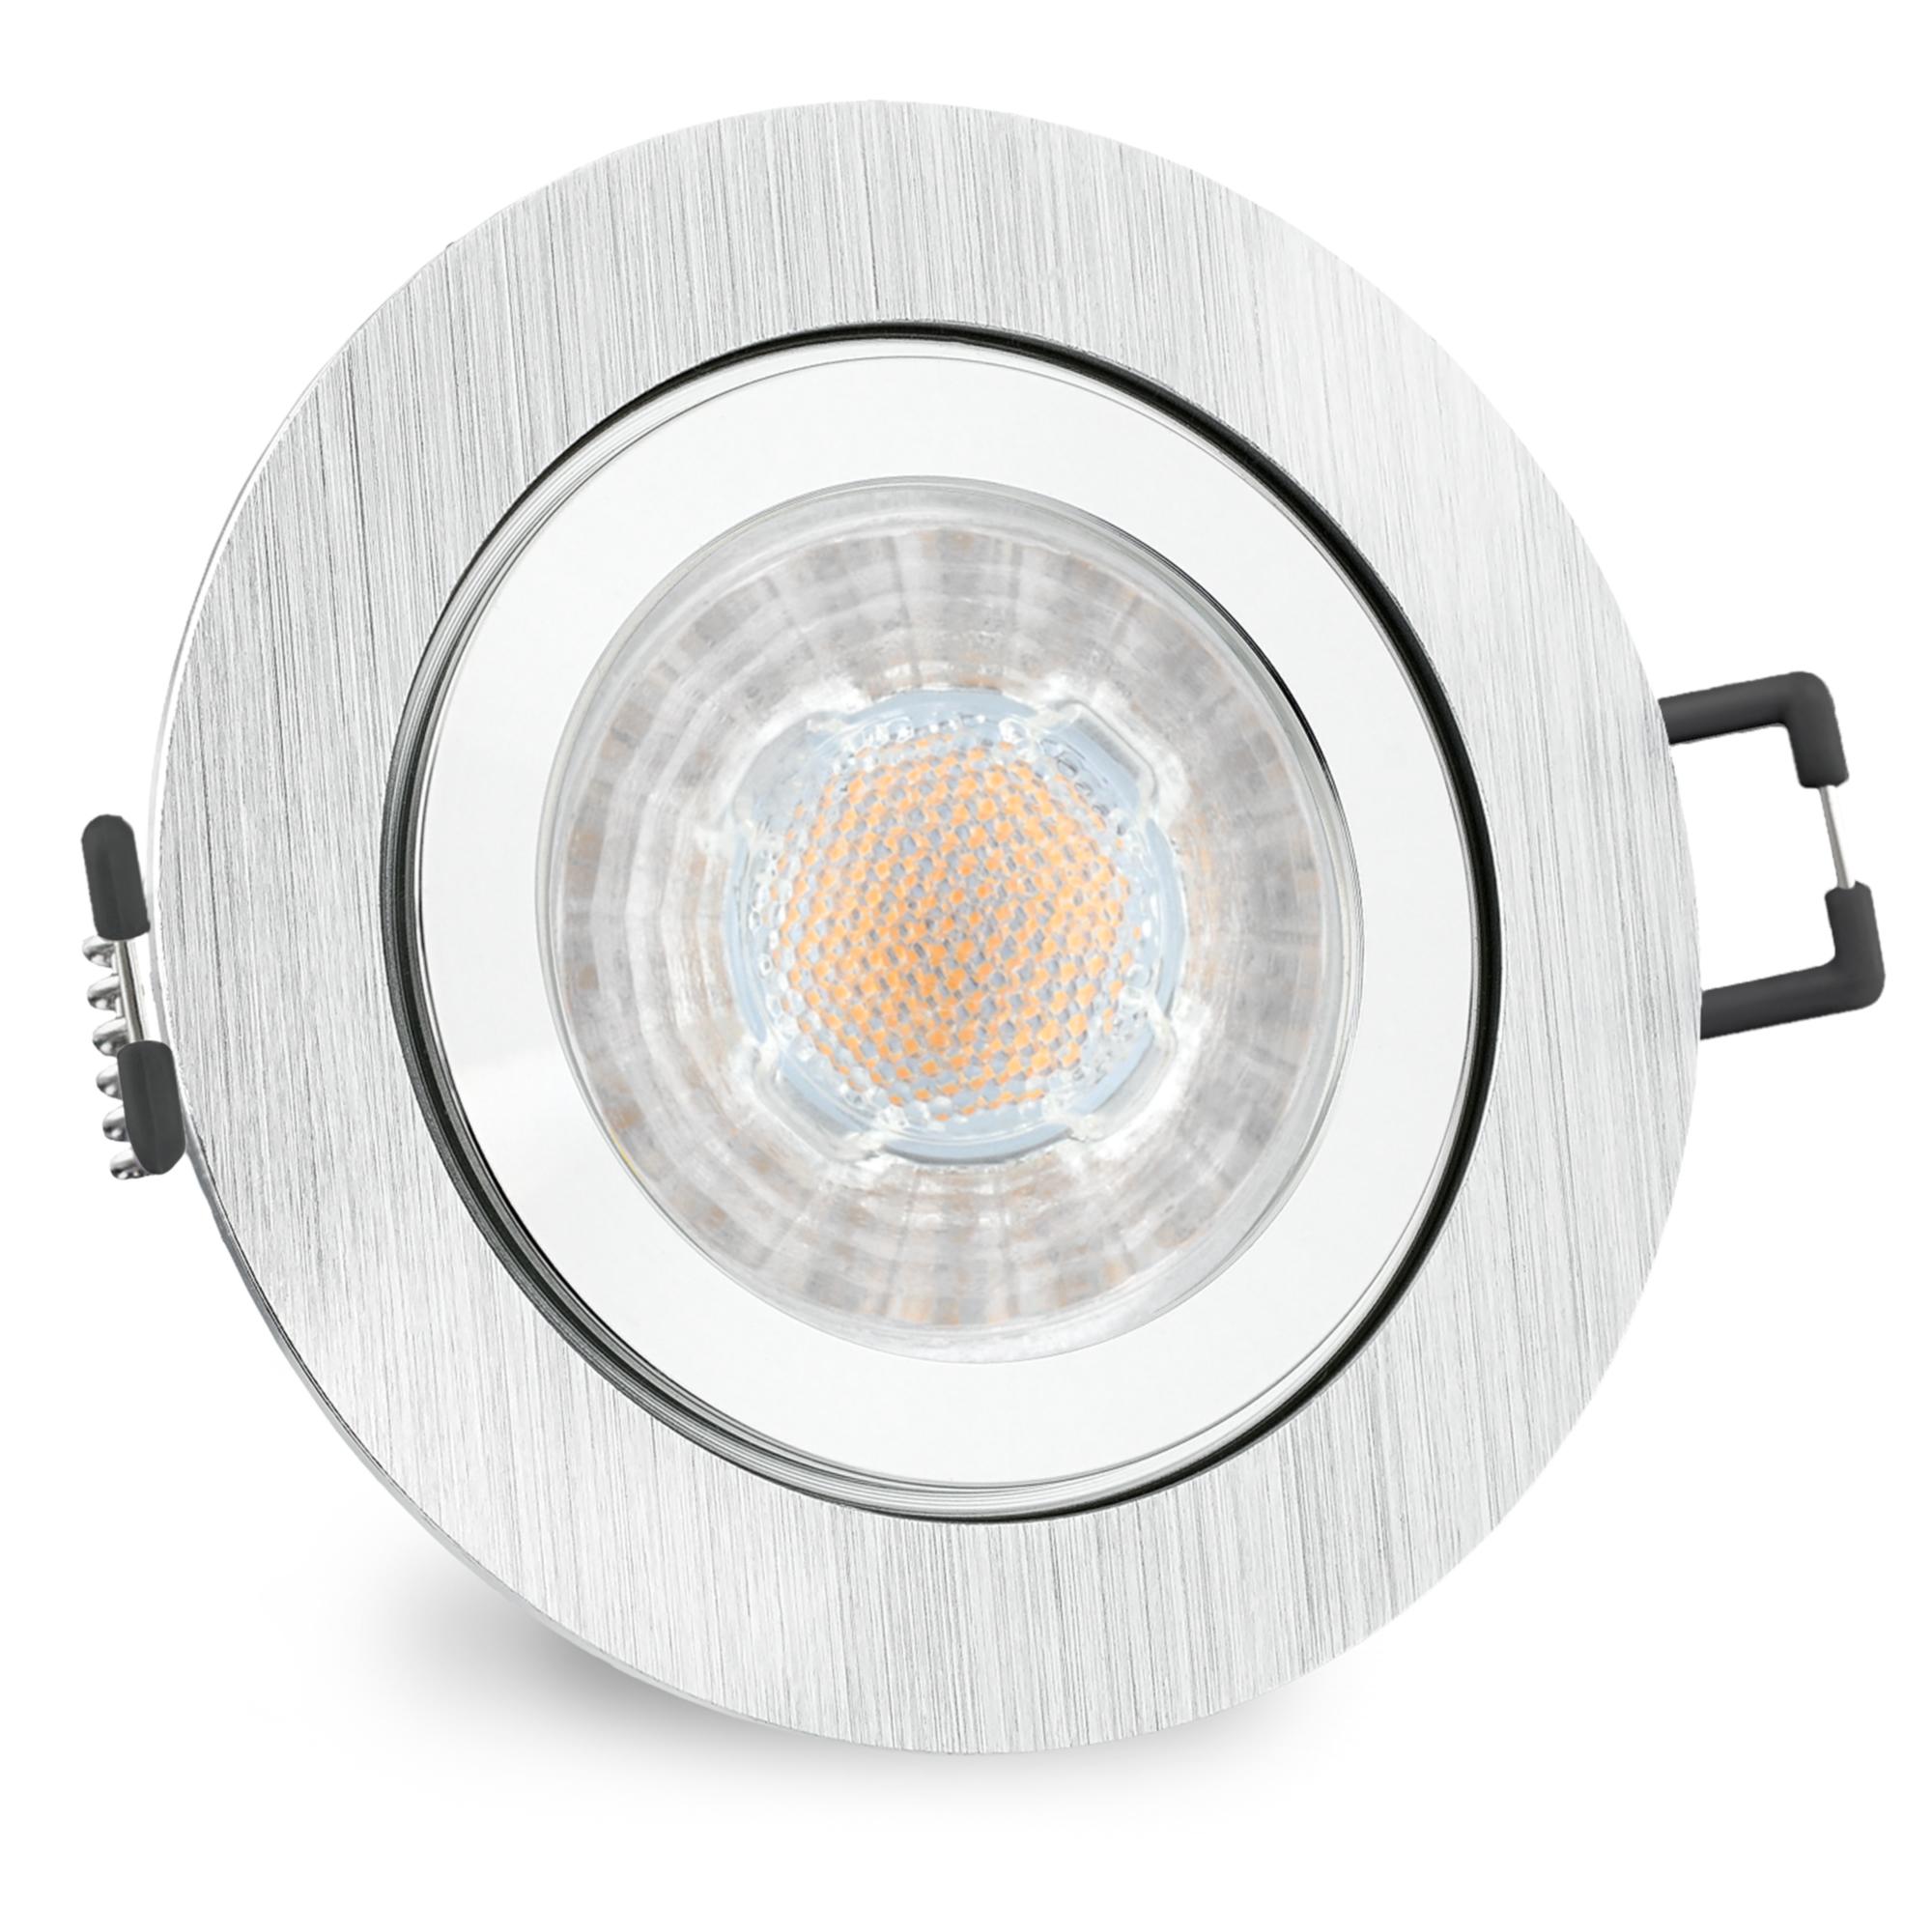 RW-2 LED Einbauleuchte für Bad & Außen IP44 Alu rund inkl. LED GU10 5W  neutralweiß